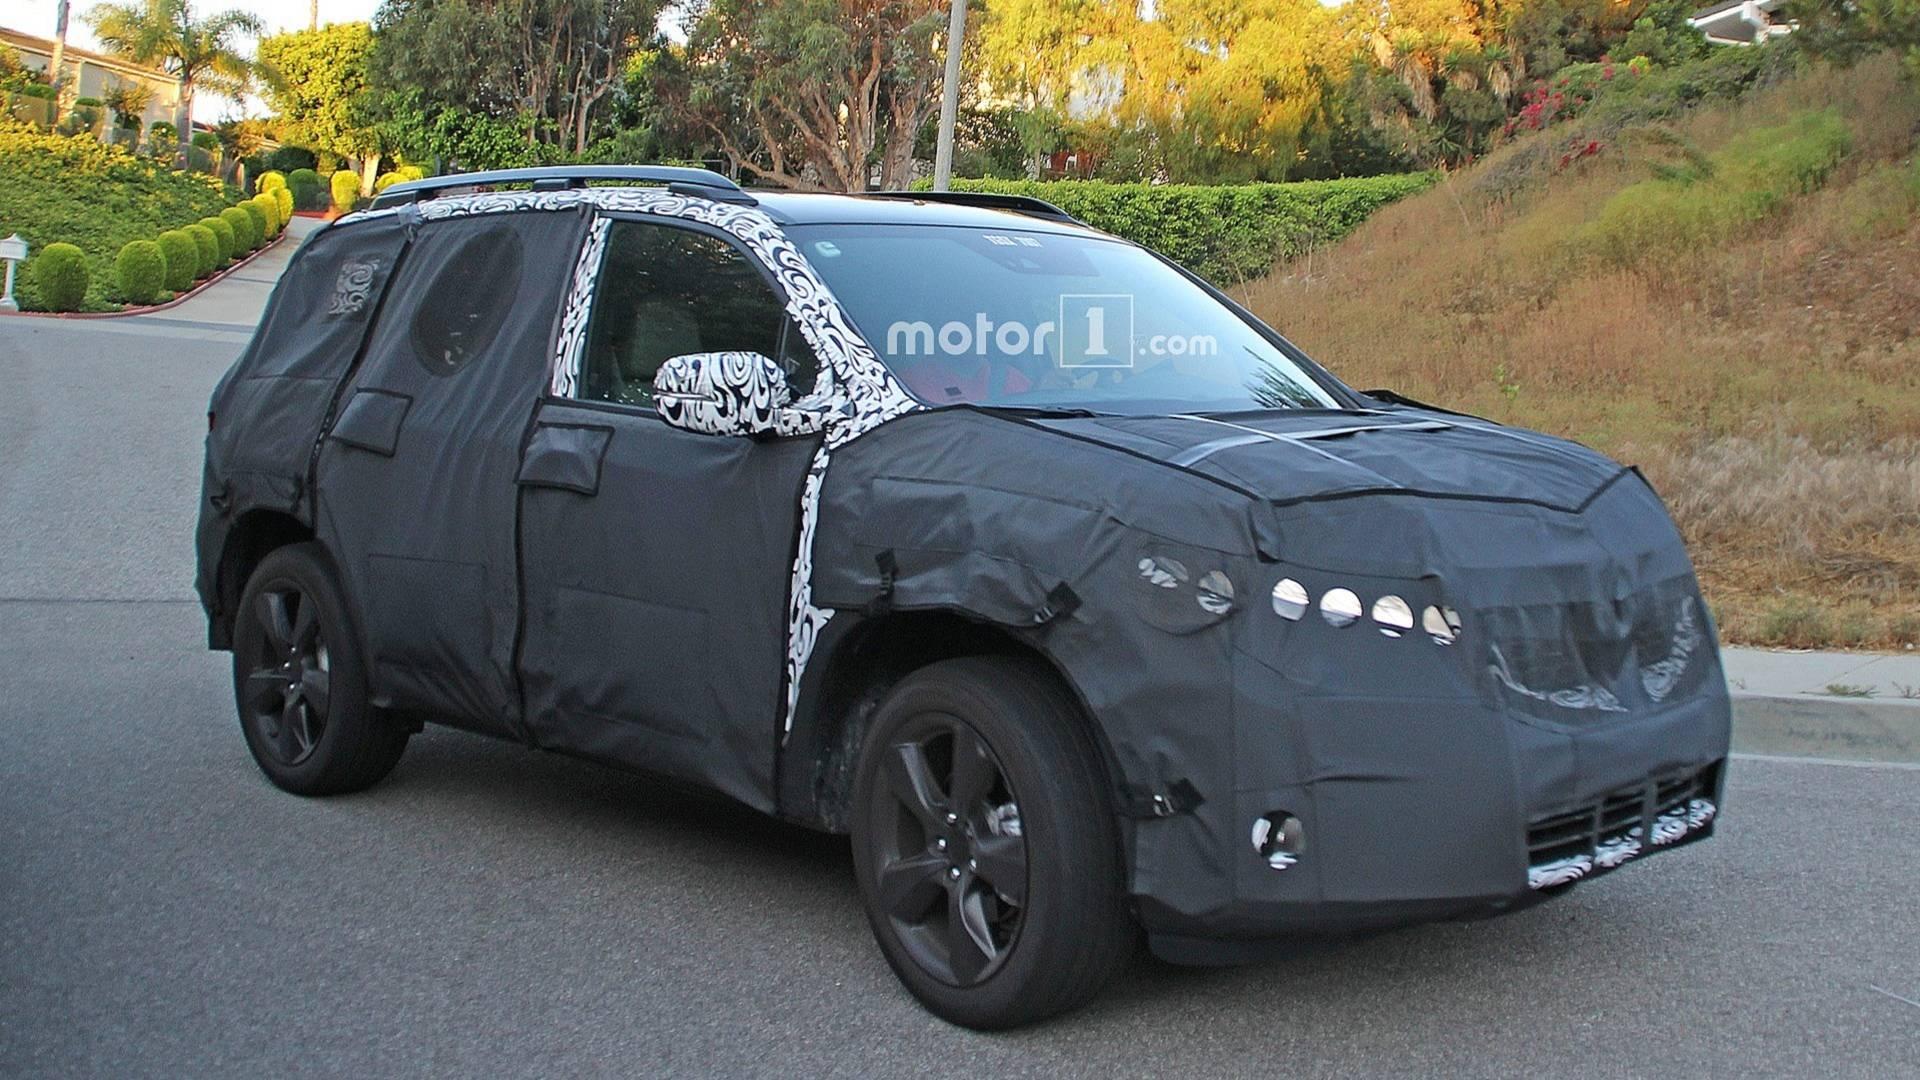 Японский автомобилестроитель «Хонда» вывел на дорожные испытания новый кроссовер с возрожденным названием Passport